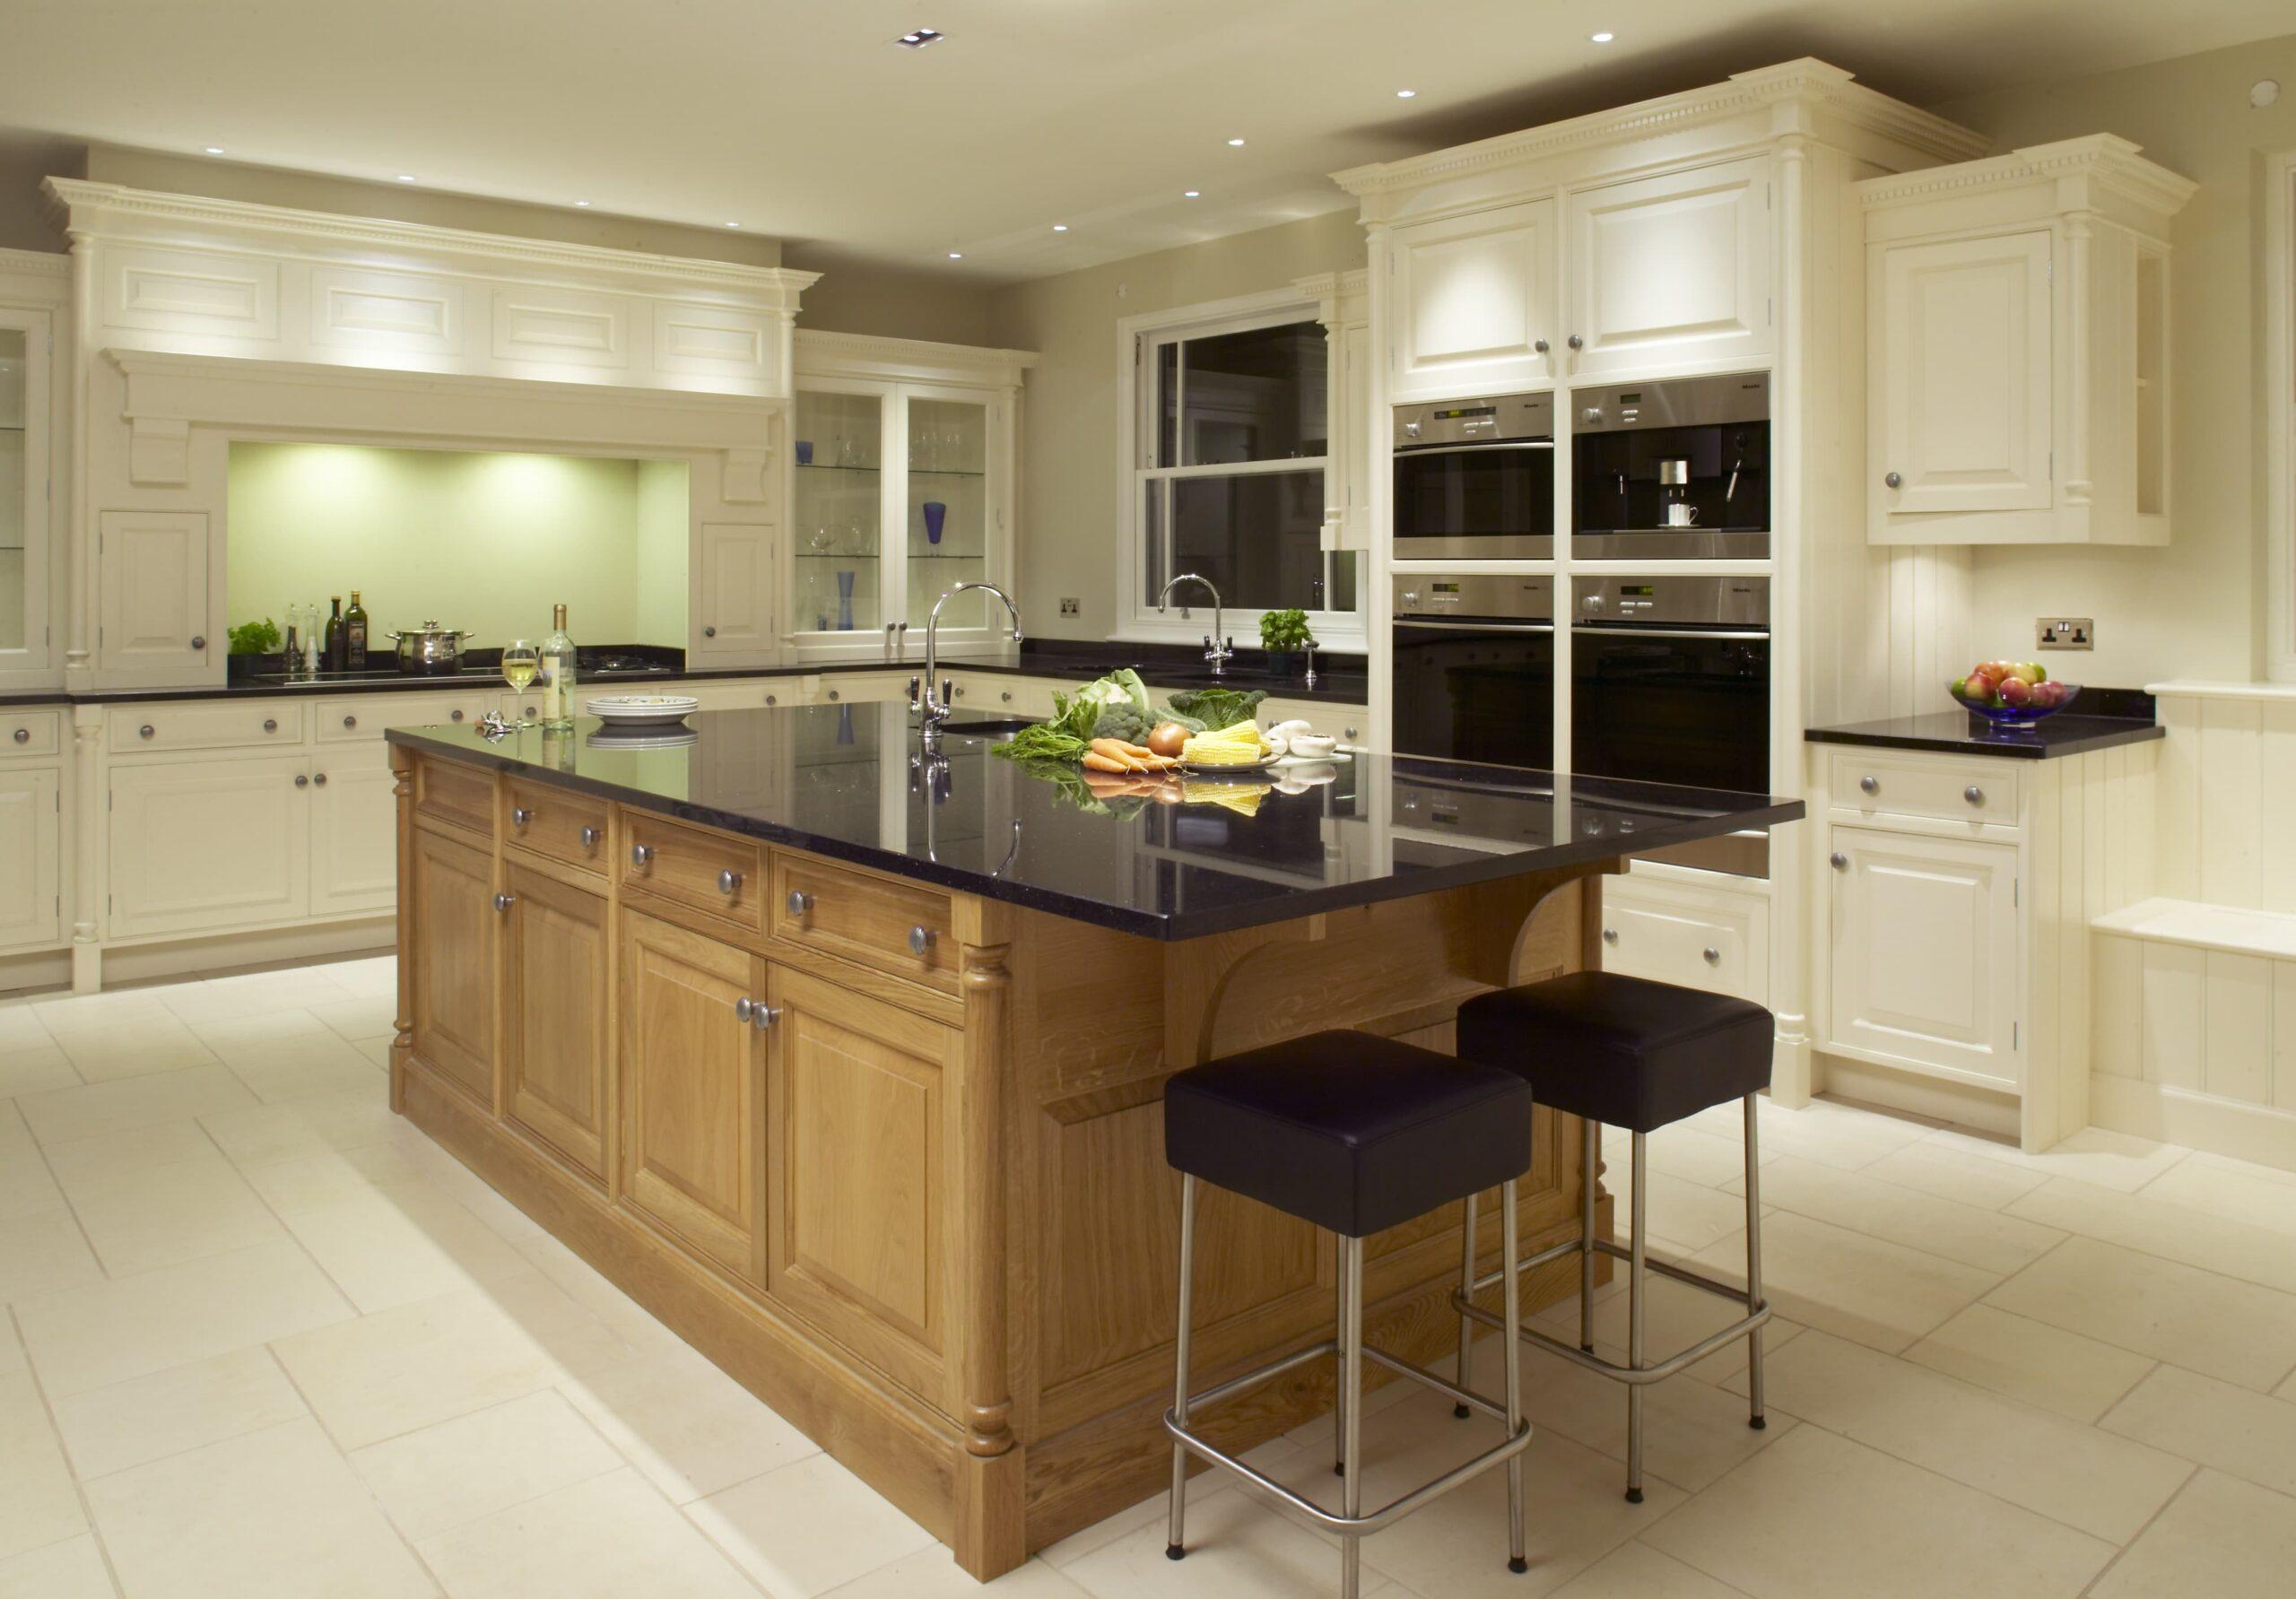 Simon Taylor Furniture - Ellesborough - Kitchen Island